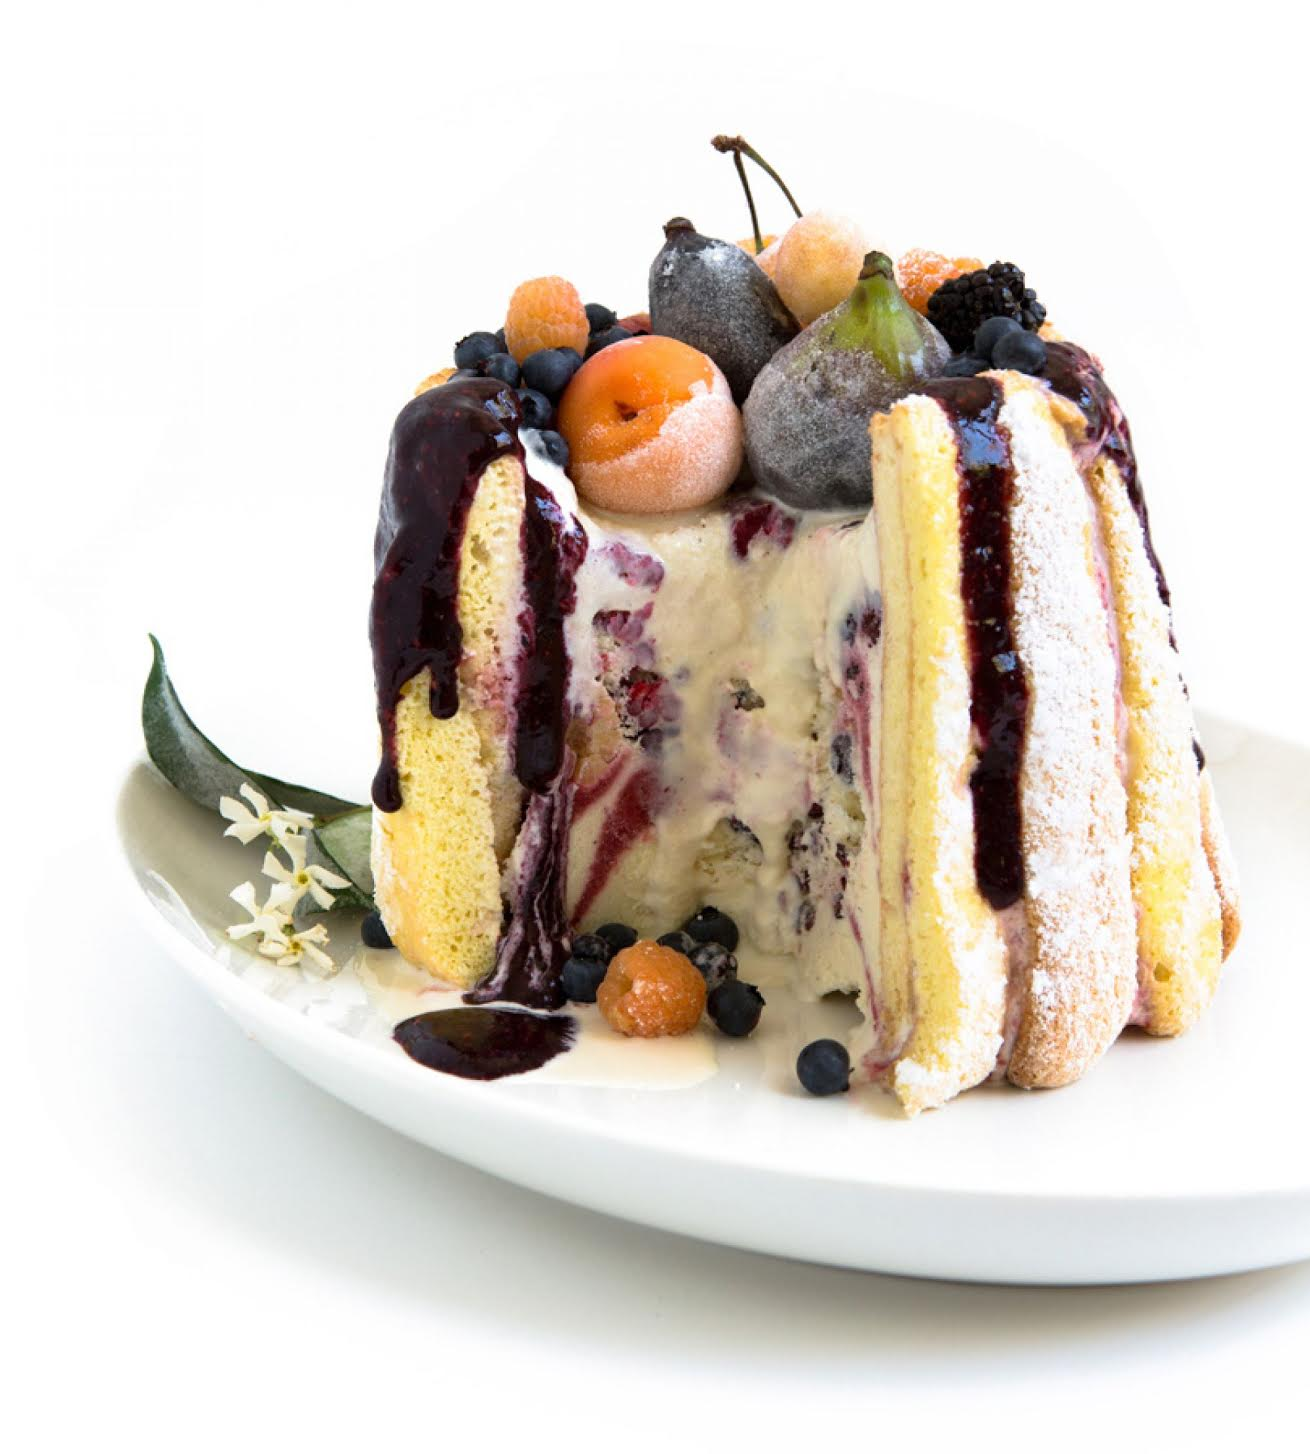 Ice cream cake with vanilla yogurt ice cream, fresh fruit, and ladyfingers | Photograph by Aya Brackett